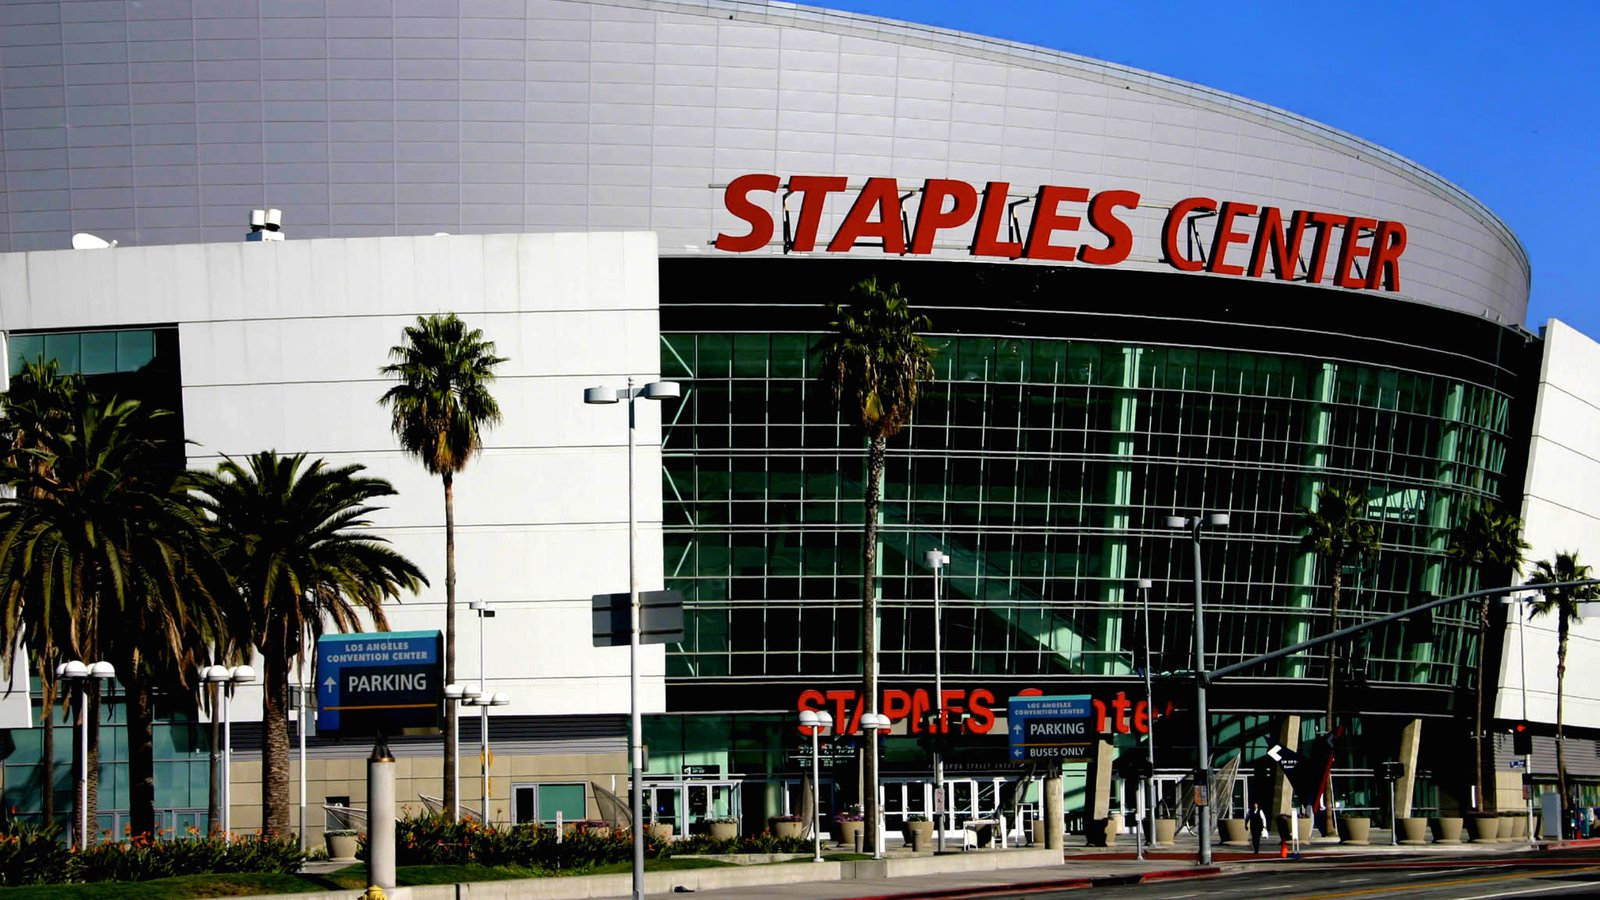 Centro de Los Ángeles mostrando señalización y arquitectura moderna